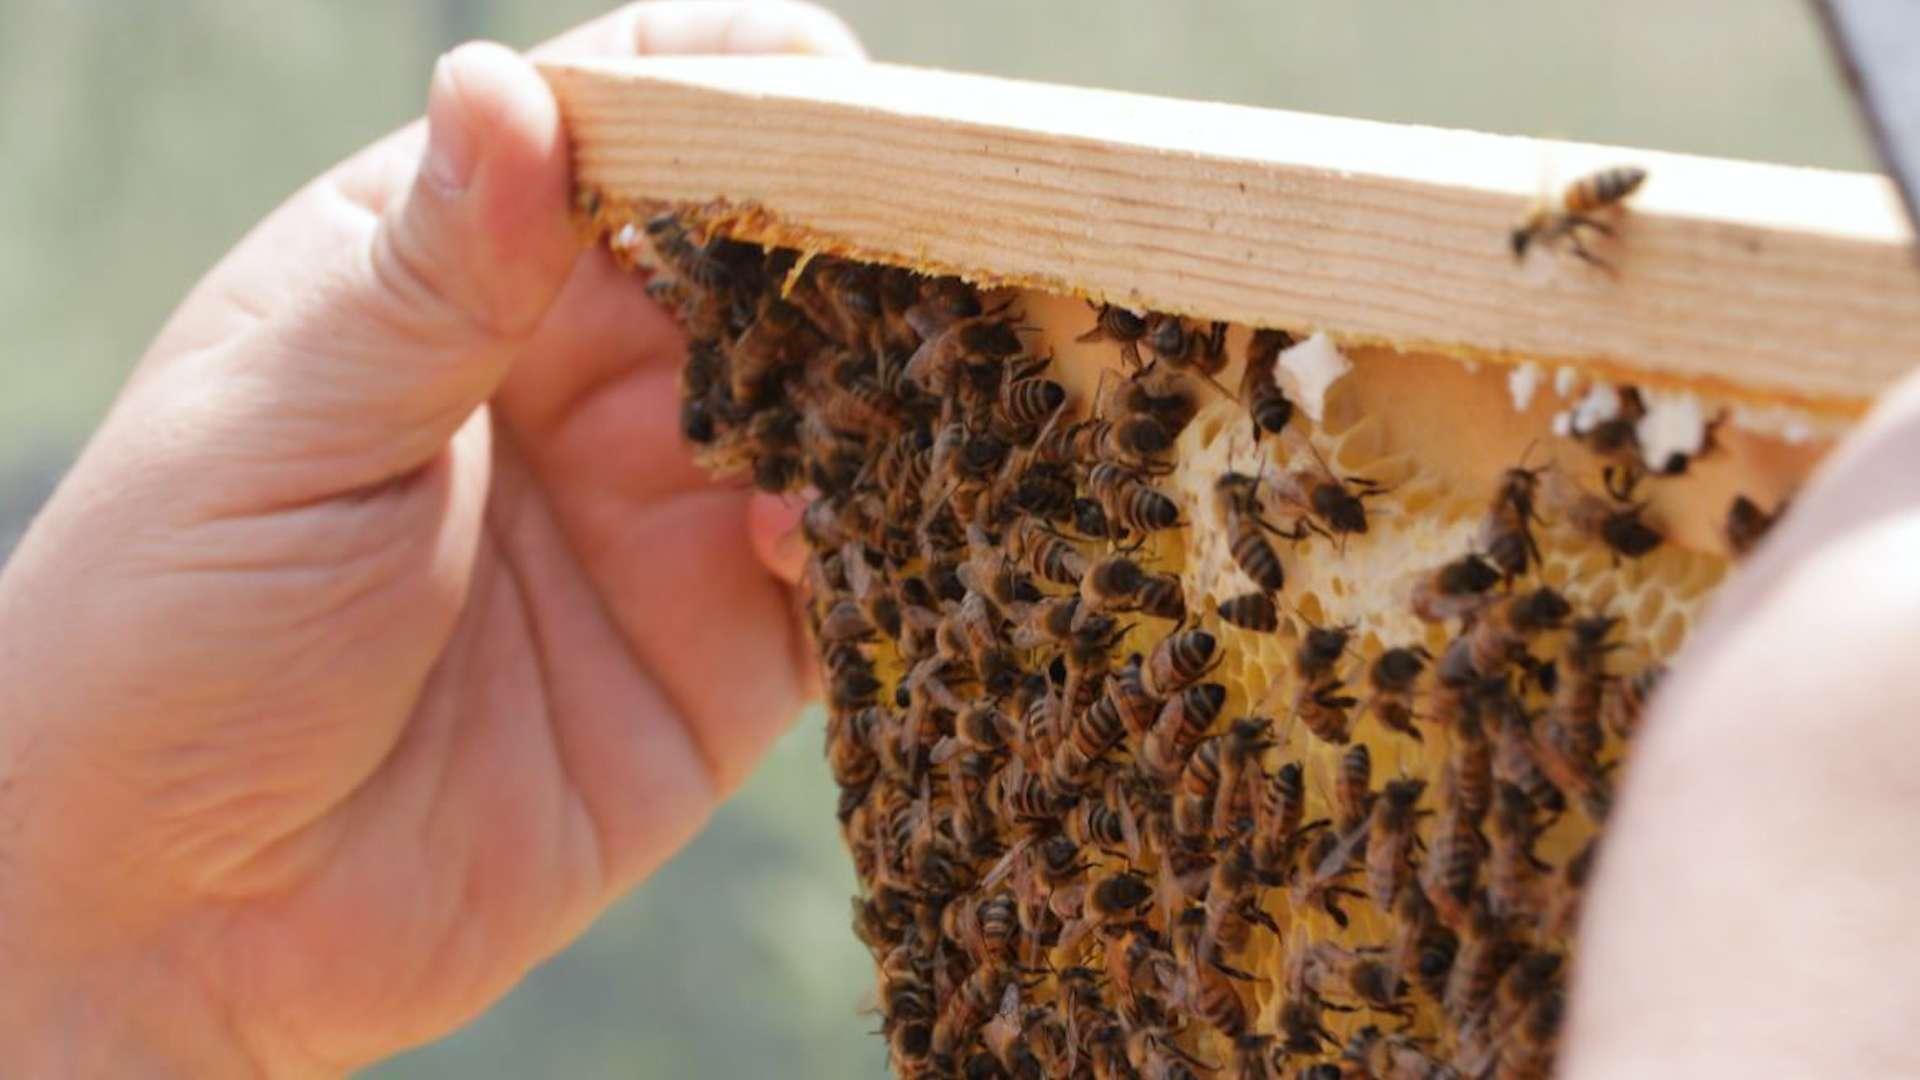 Se salviamo le api salviamo noi stessi <br><span id='secondTitolo'>Incontro con il naturalista Paolo Fontana </span>